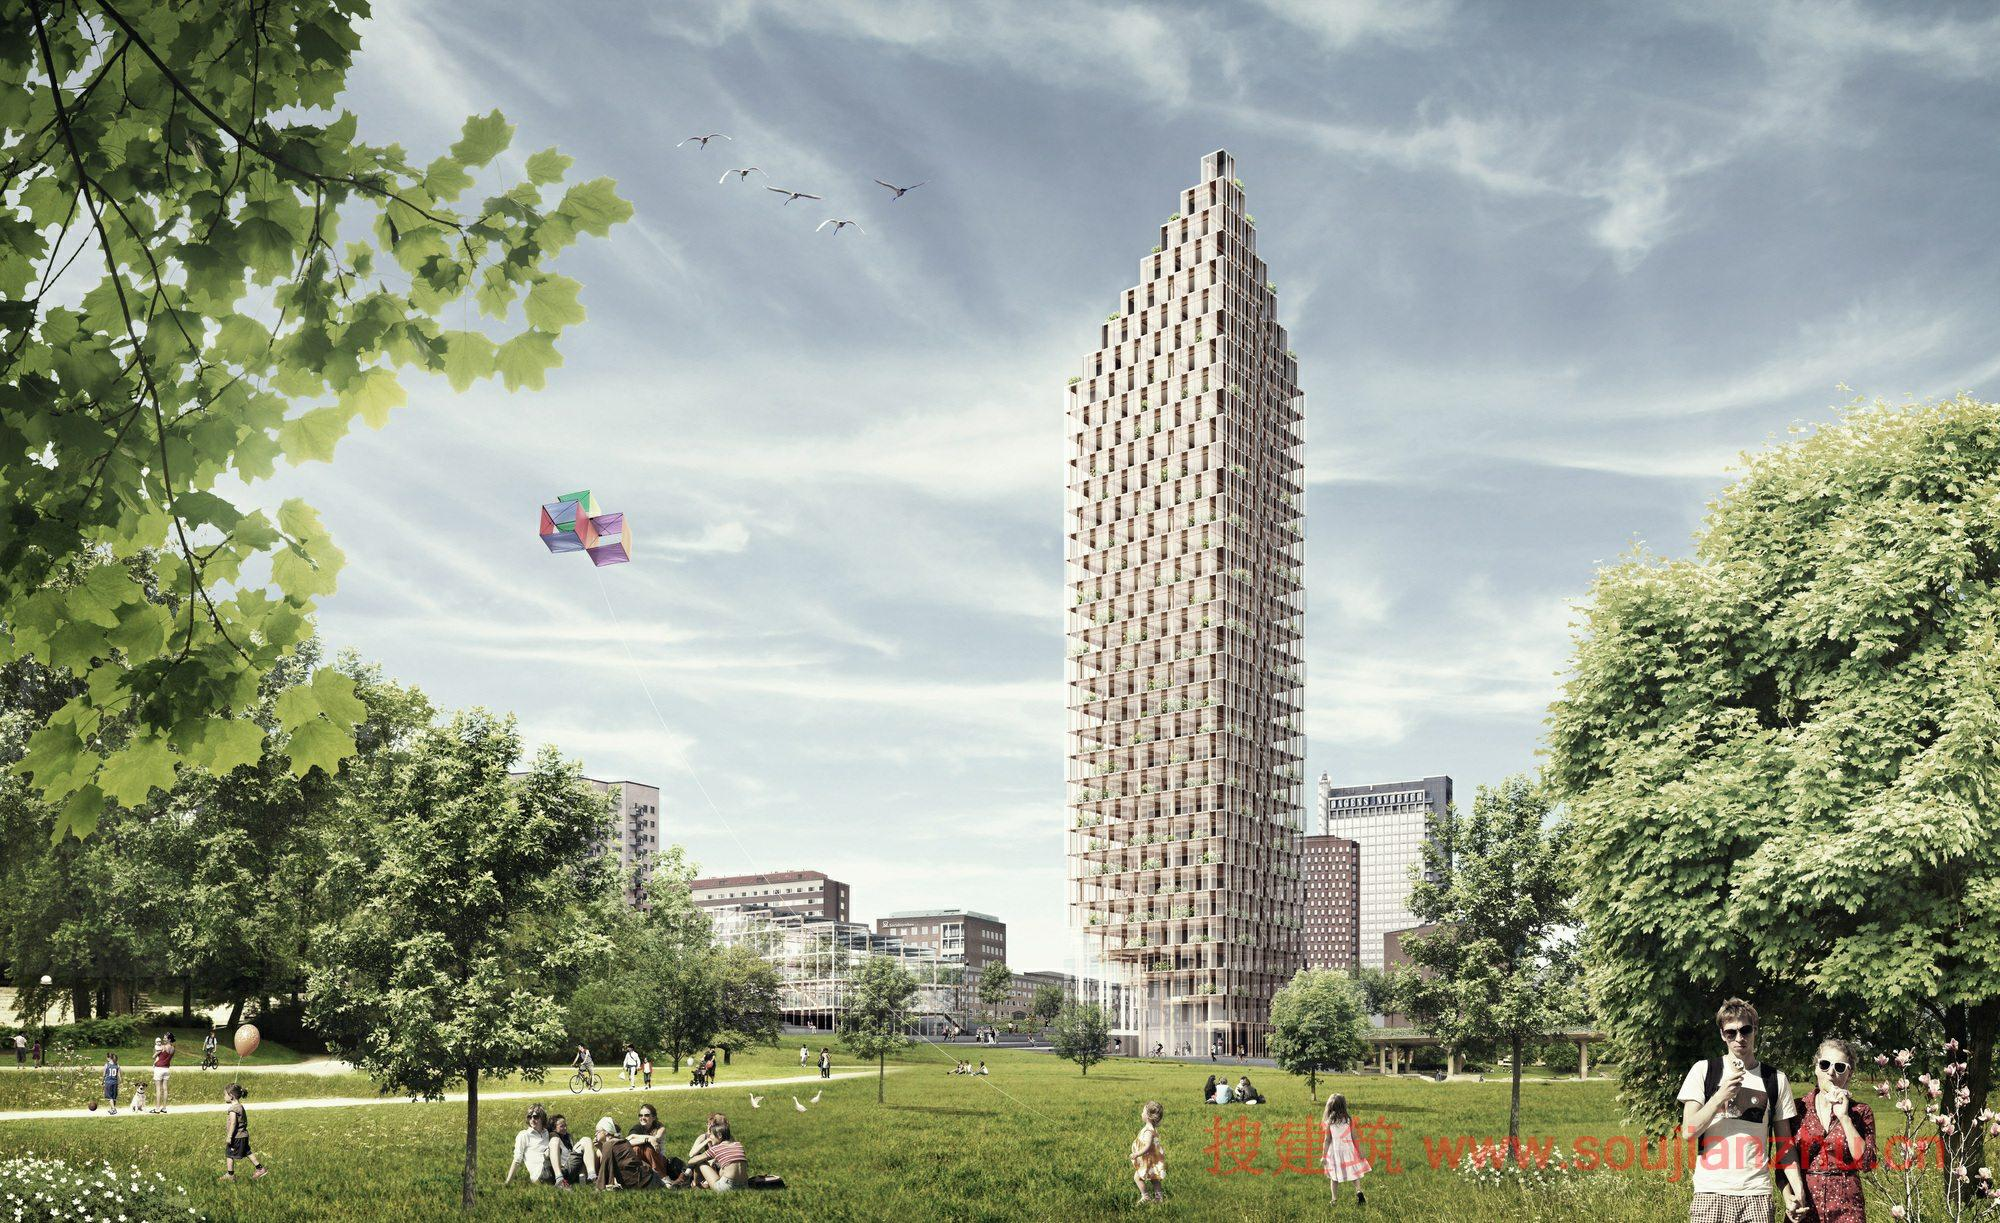 搜建筑网 -- 瑞典·木制摩天大楼---berg c.f. moller